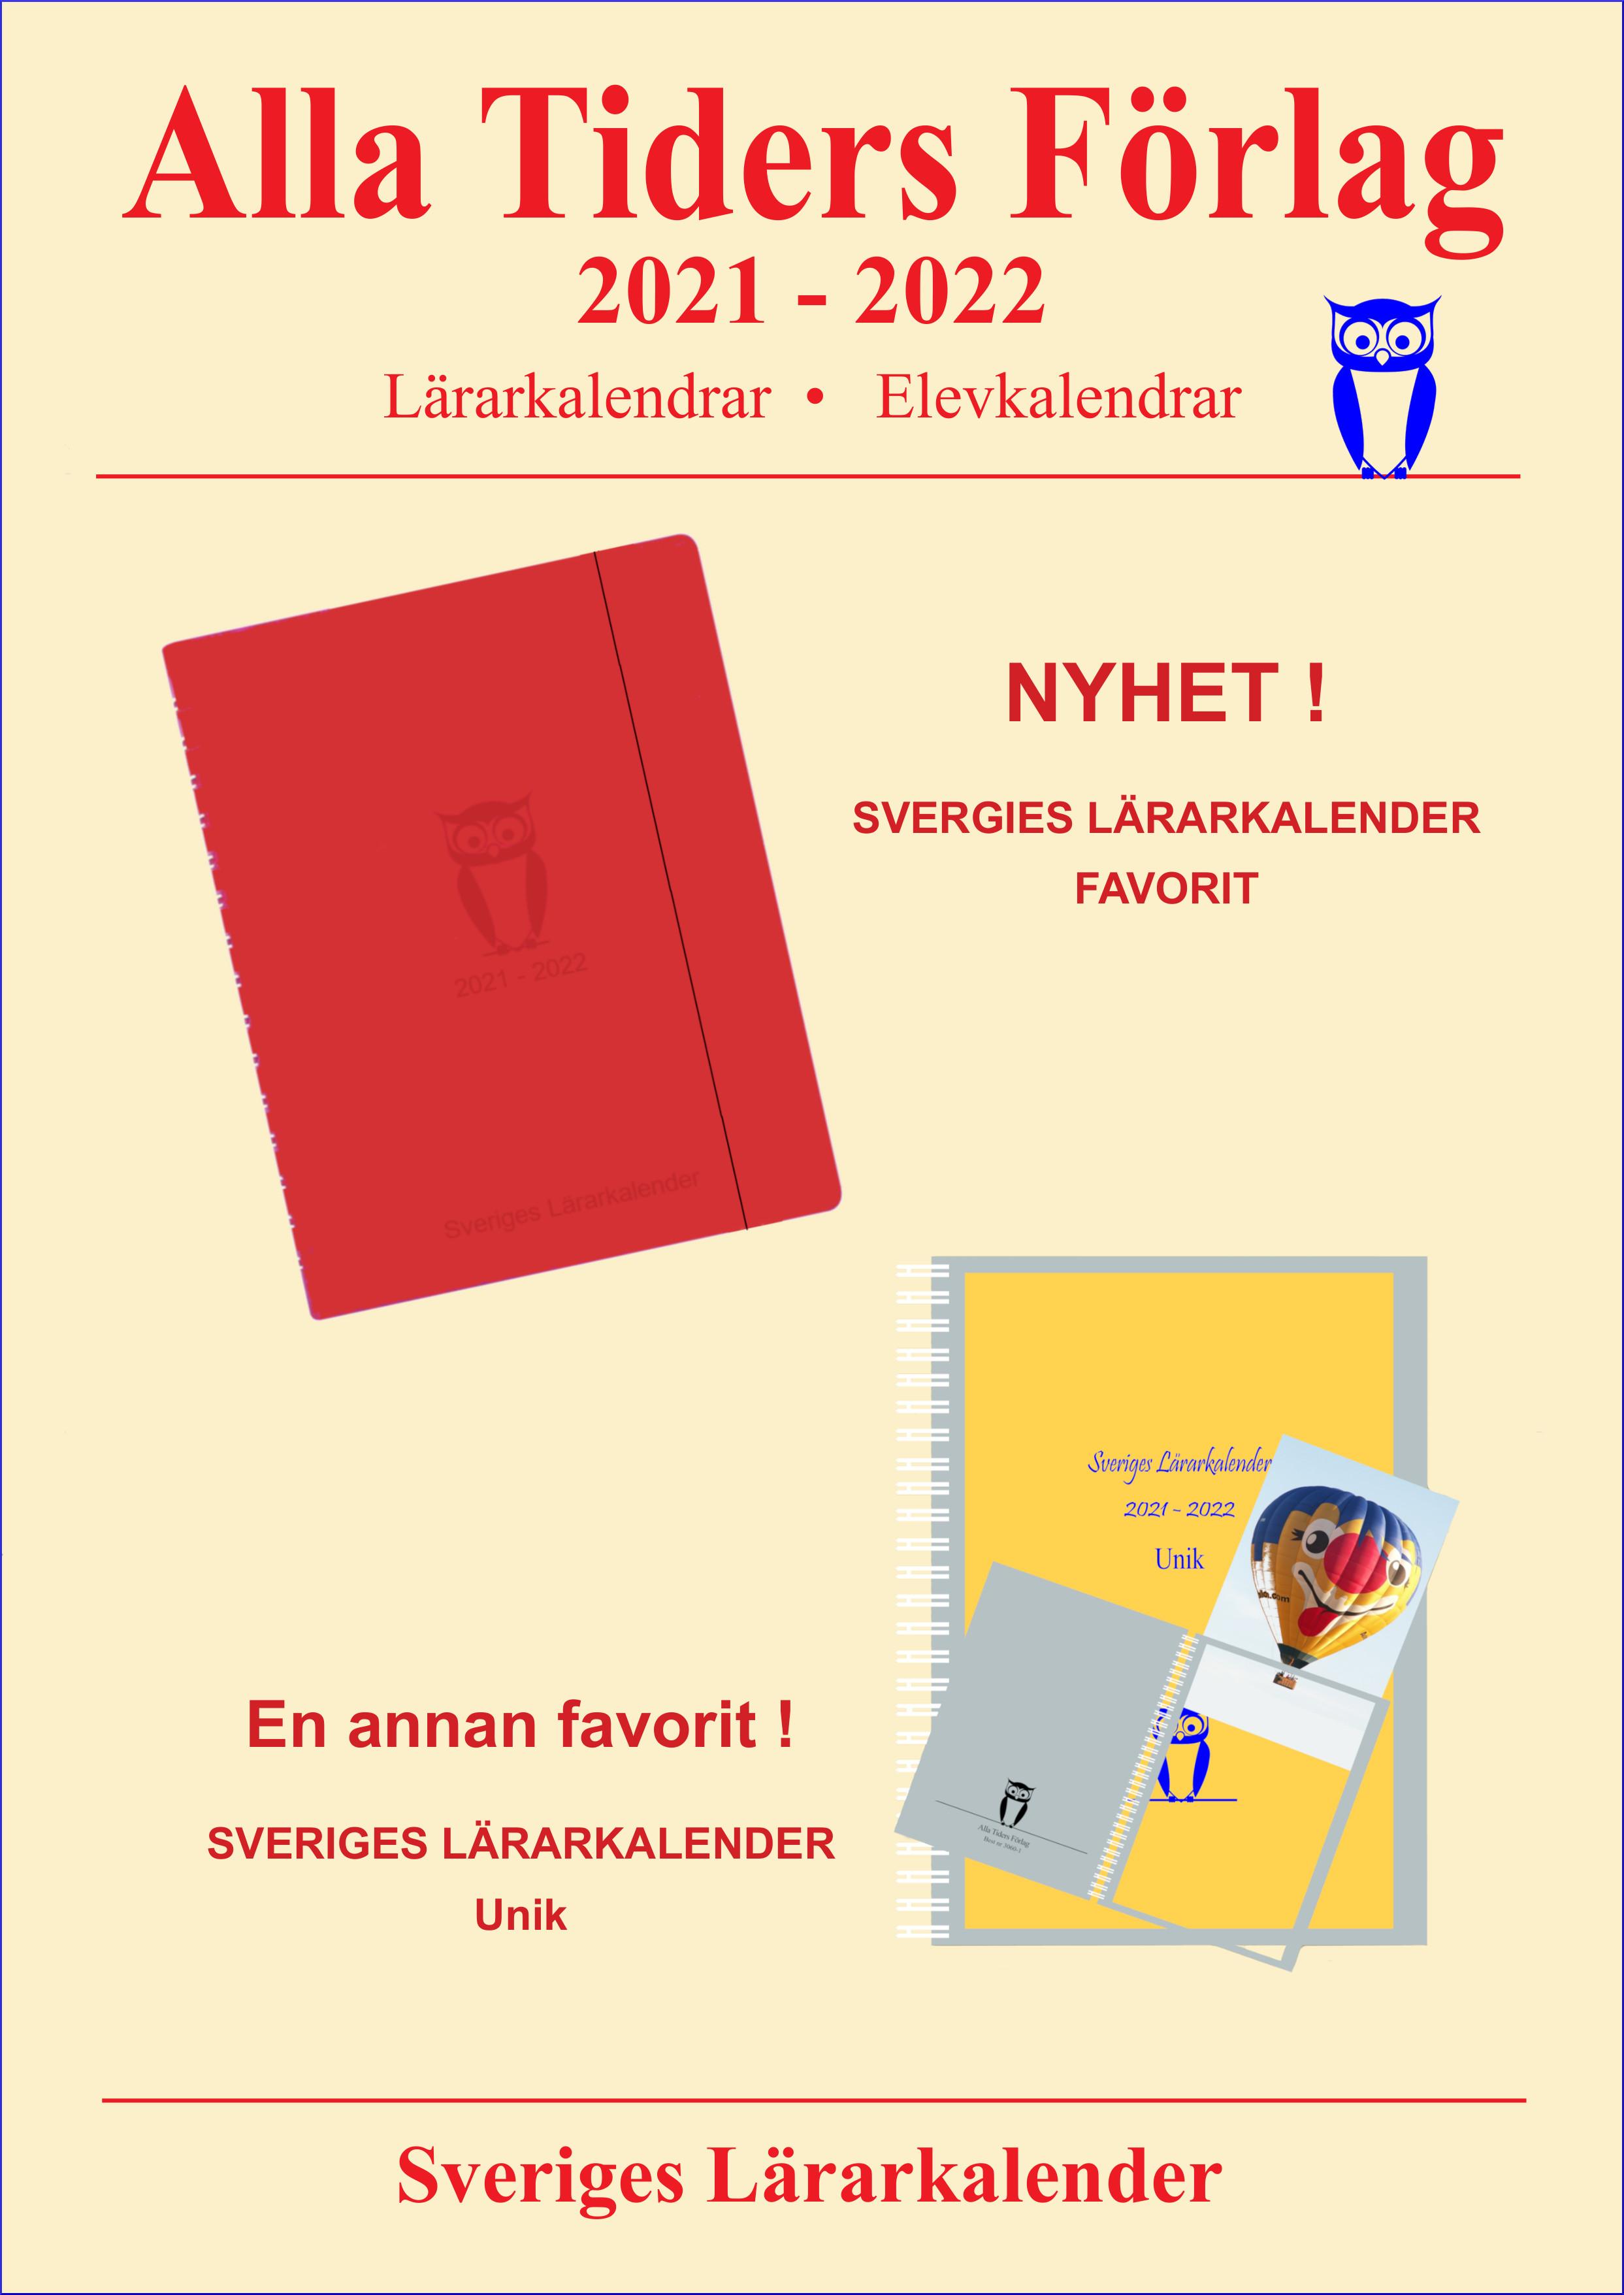 Alla Tiders Förlag katalog